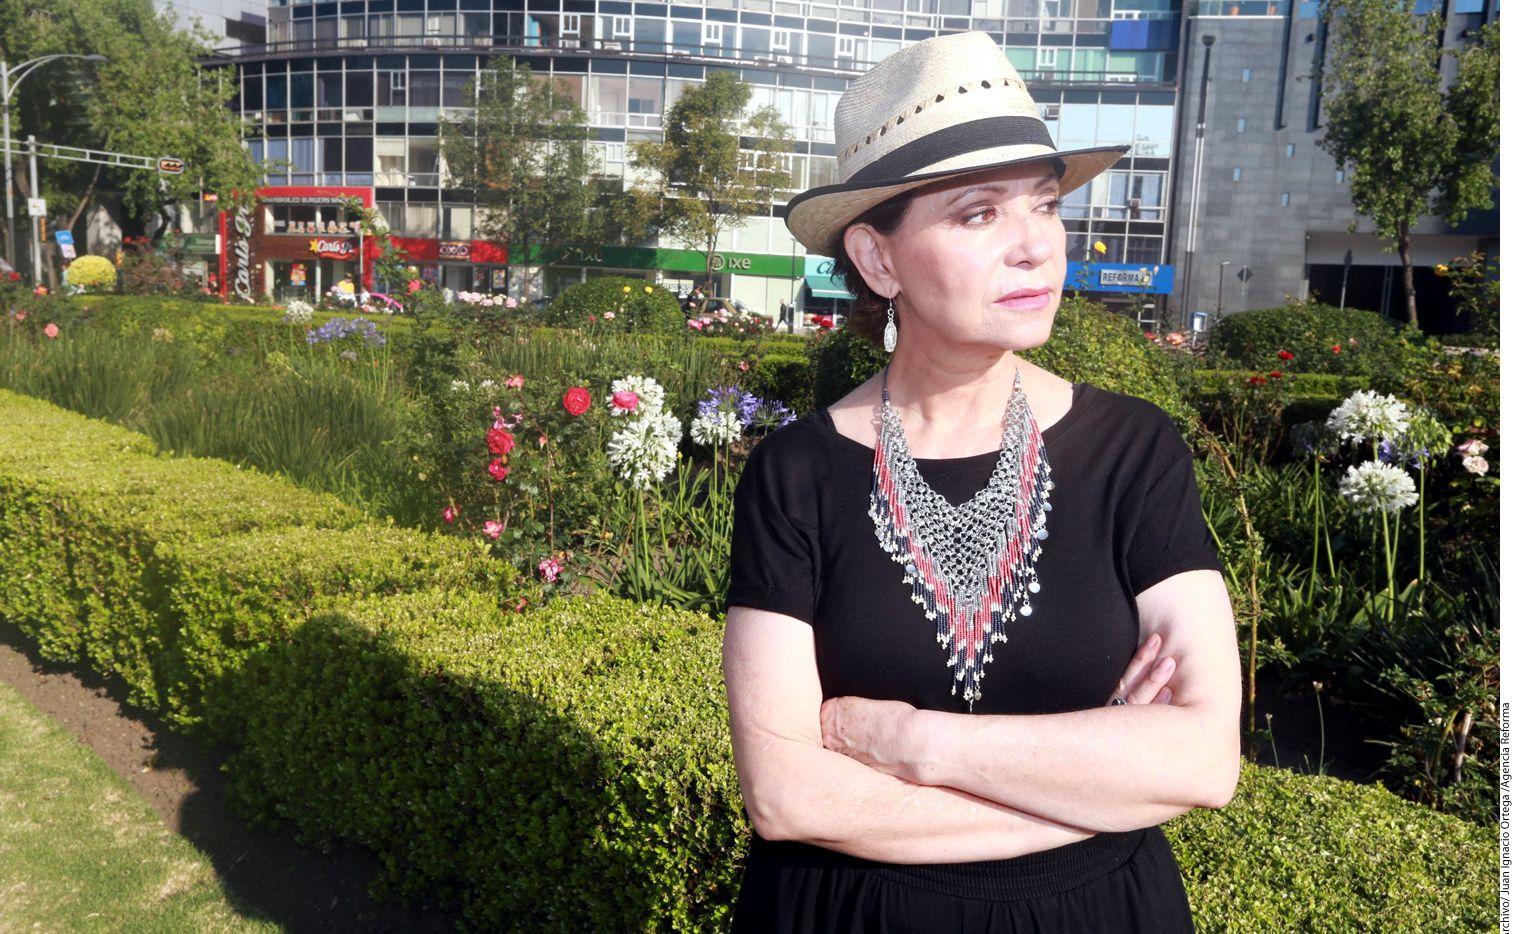 Este año, la actriz mexicana Adriana Barraza (foto) también formó parte del elenco de la telenovela producida por Telemundo titulada Silvana Sin Lana, en la que compartió créditos con Maritza Rodríguez y Carlos Ponce./AGENCIA REFORMA